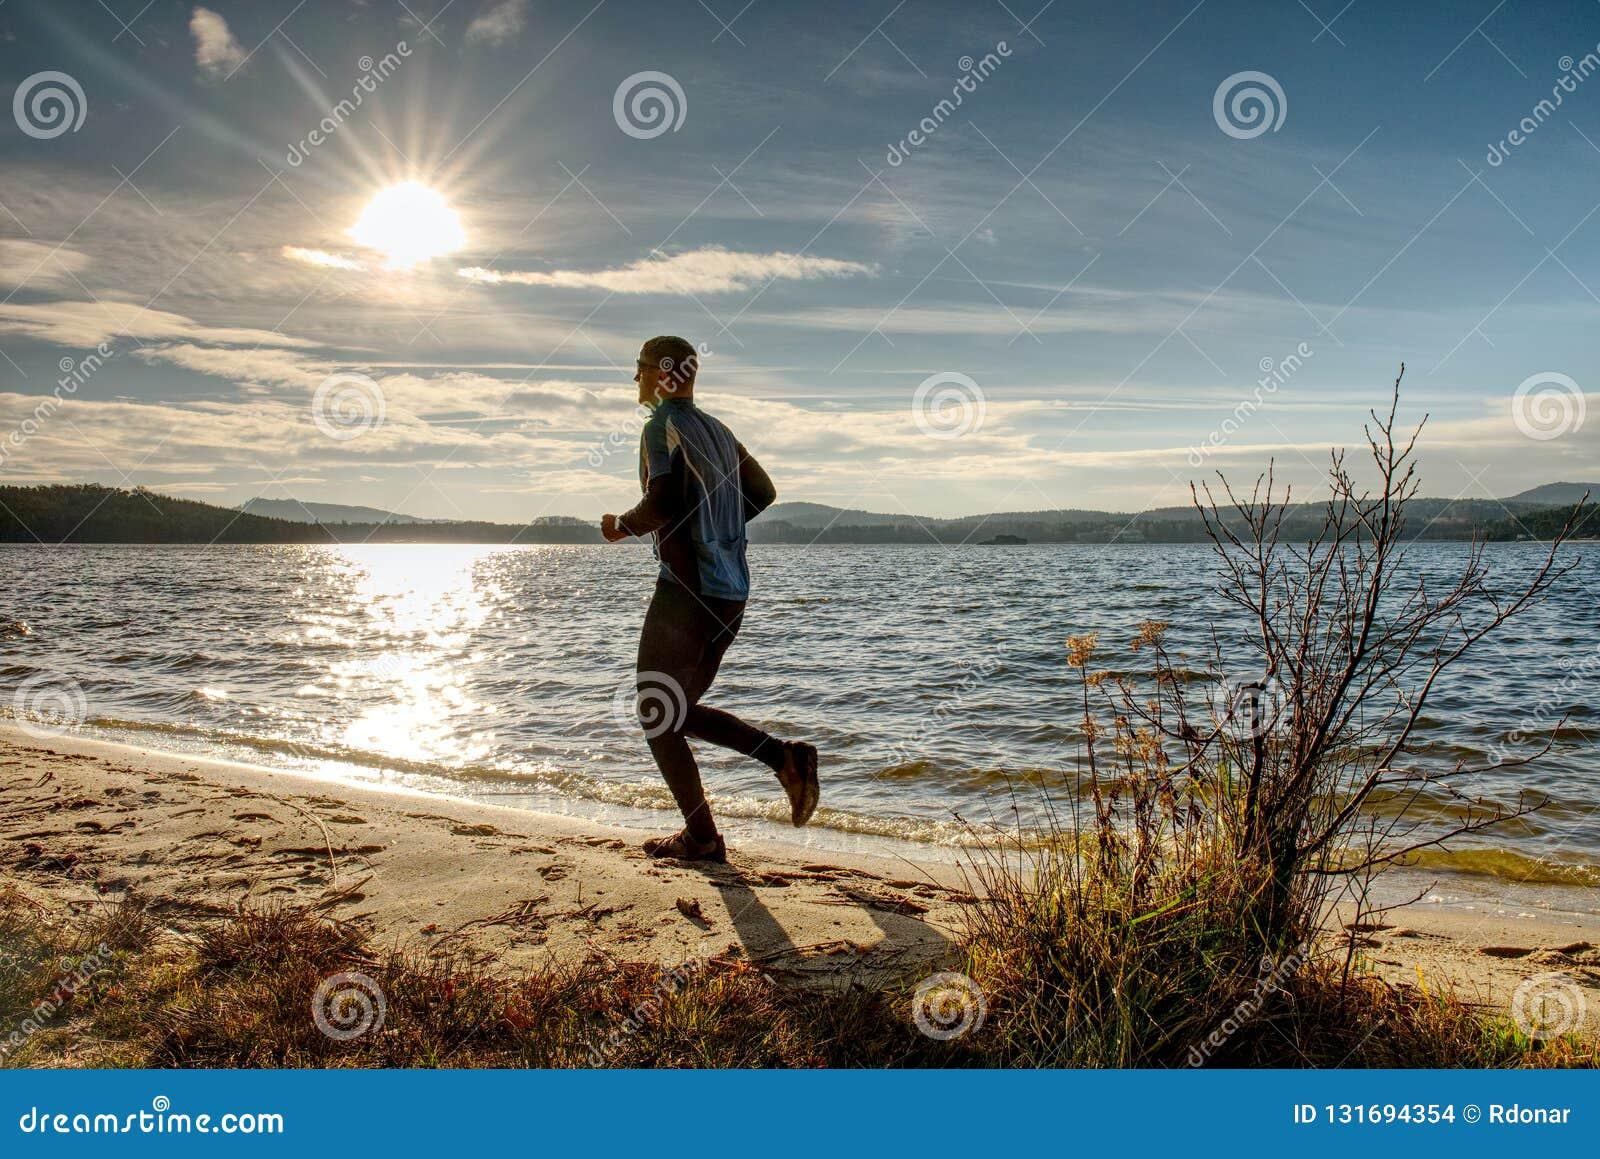 Hombre activo que corre en el lago Vacaciones sanas del concepto de la forma de vida de la aventura del viaje, persona atlética